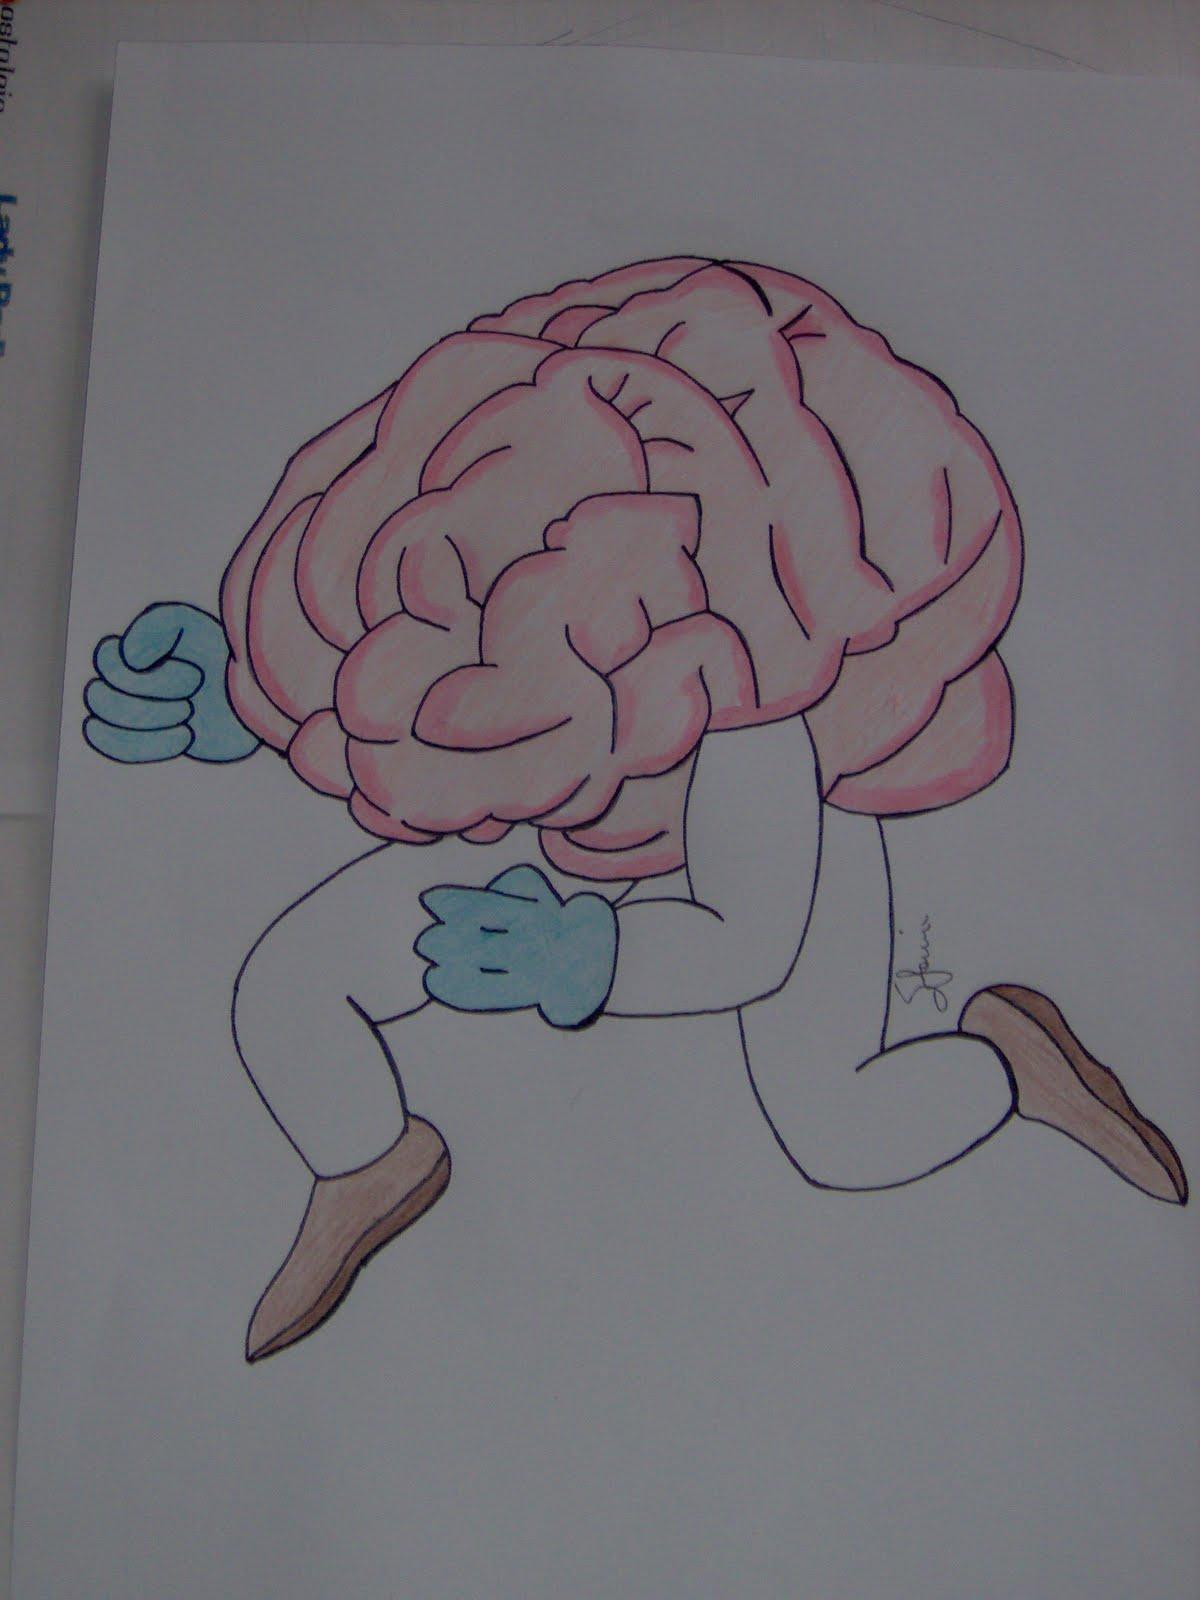 Disegni a mano libera for Disegni facili da disegnare a mano libera